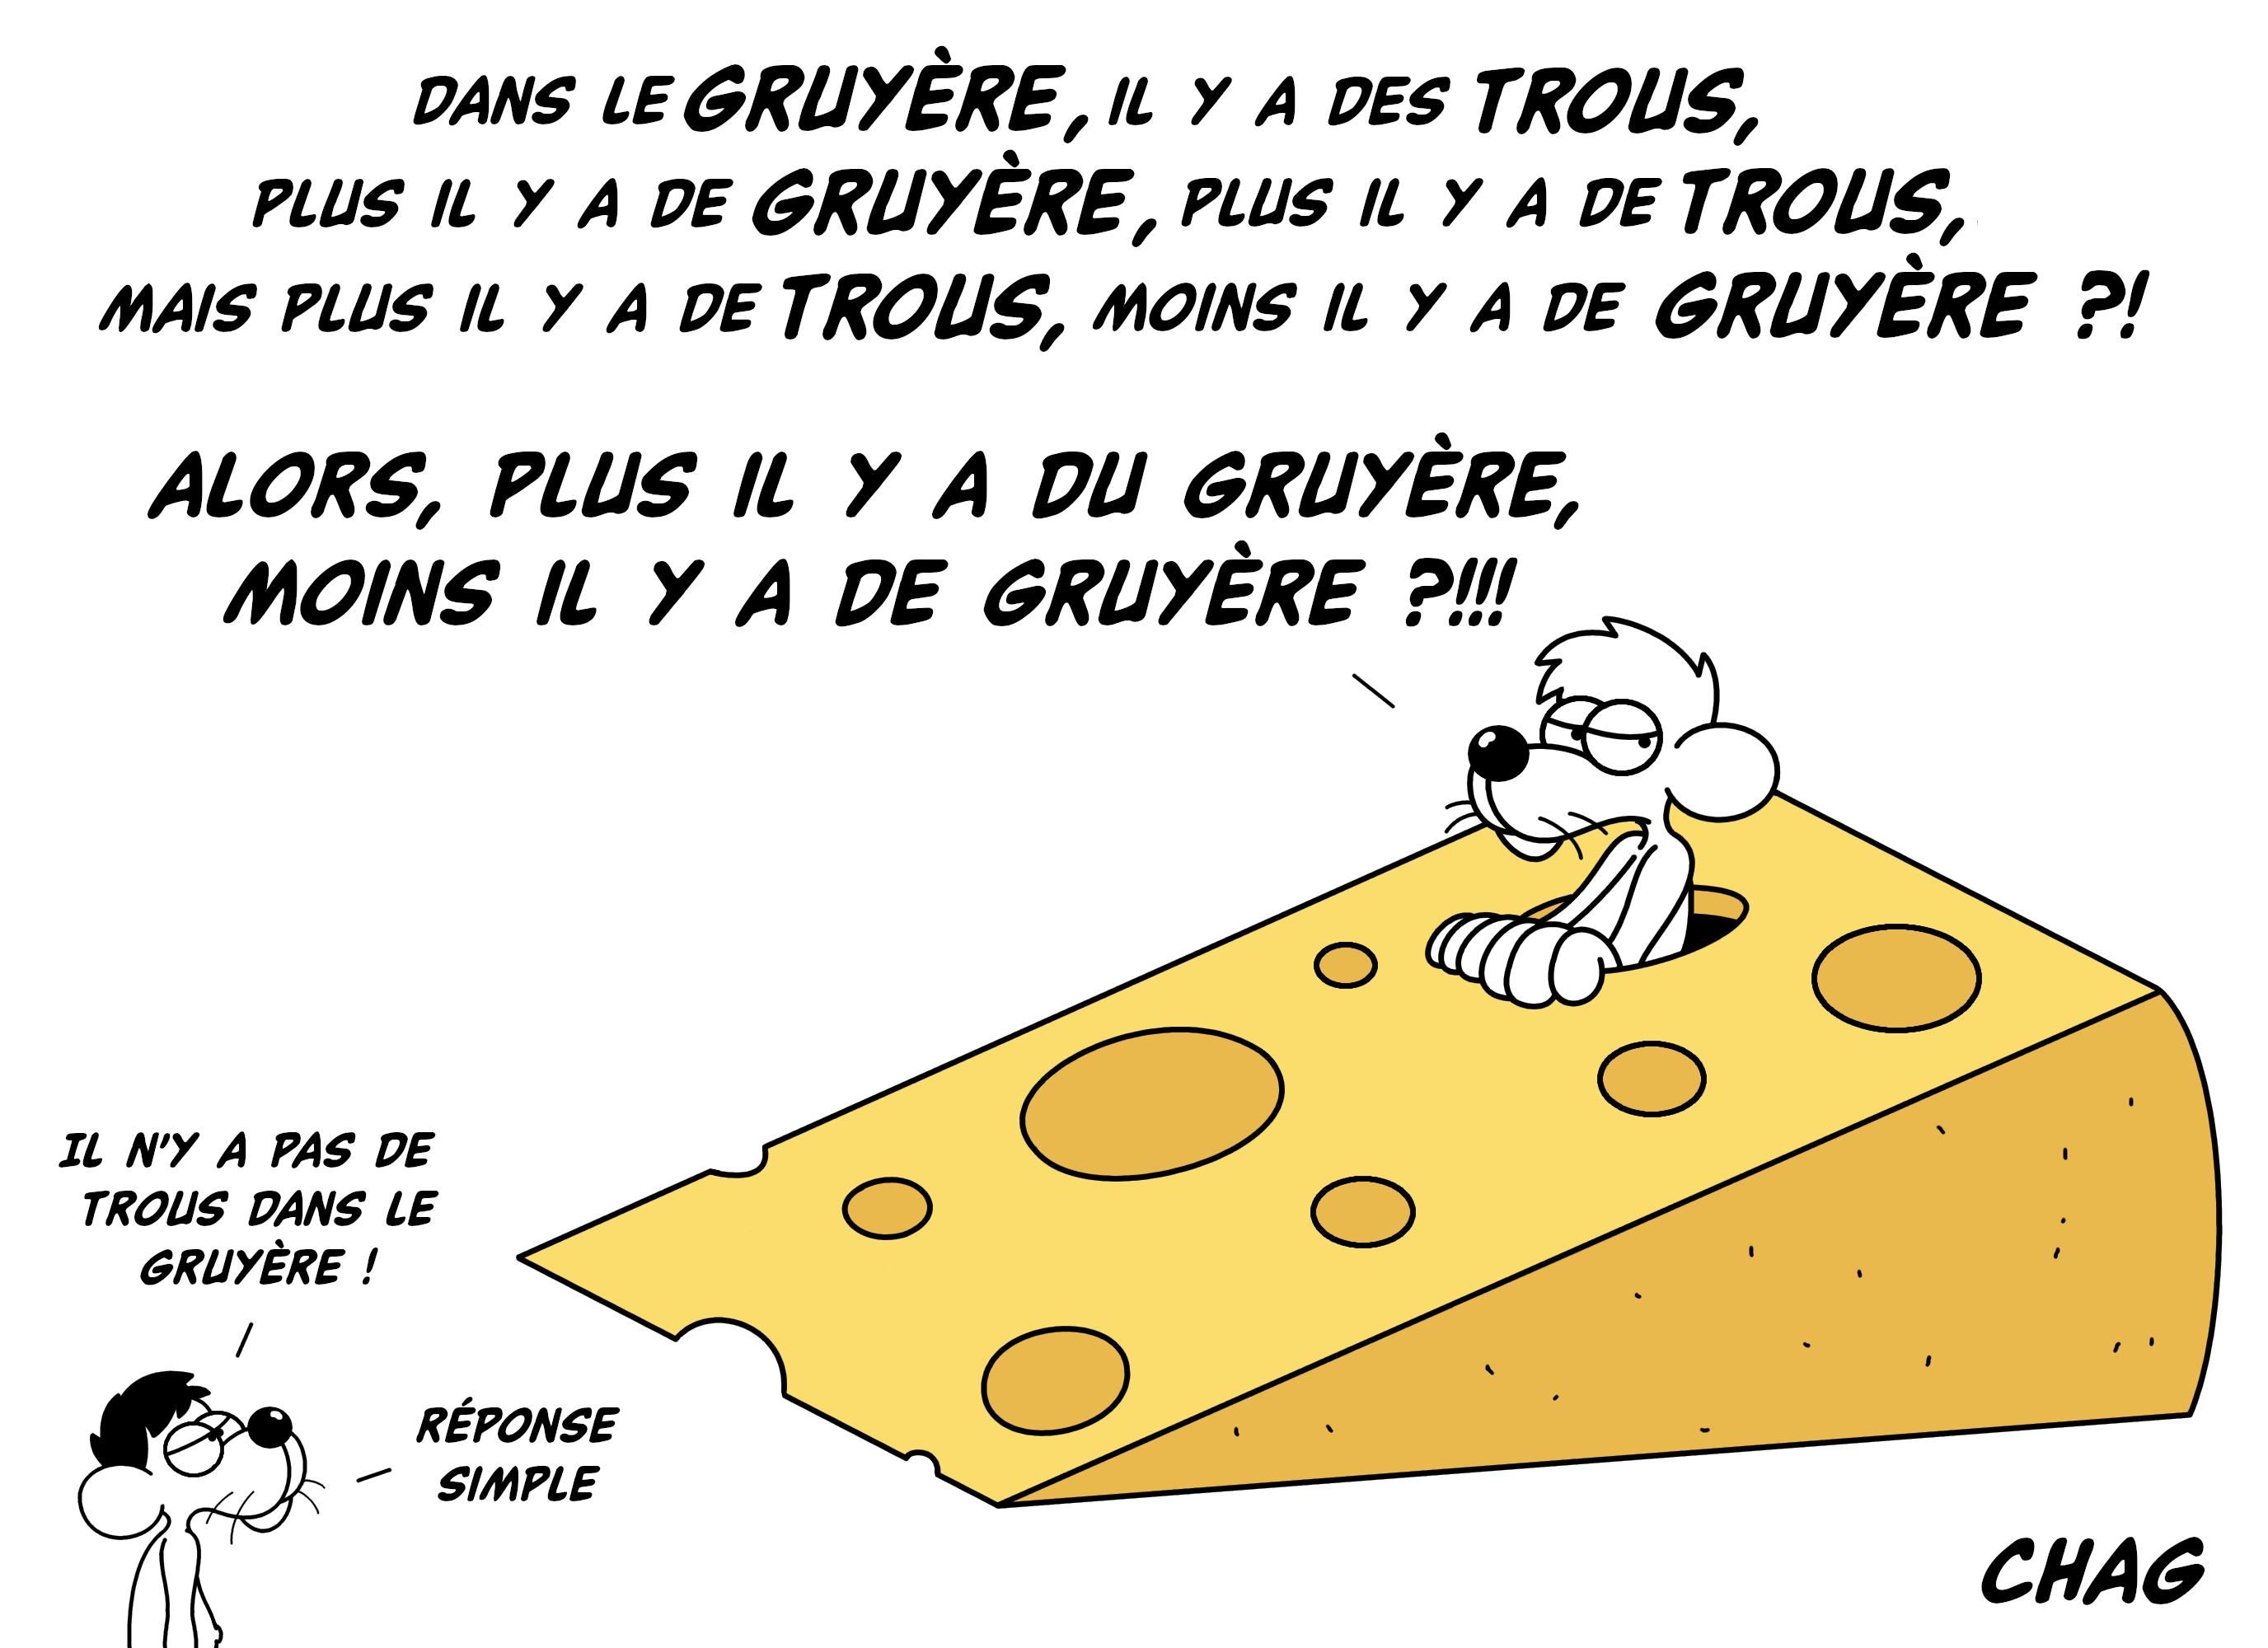 Dessin Le paradoxe du fromage à trous de Chag